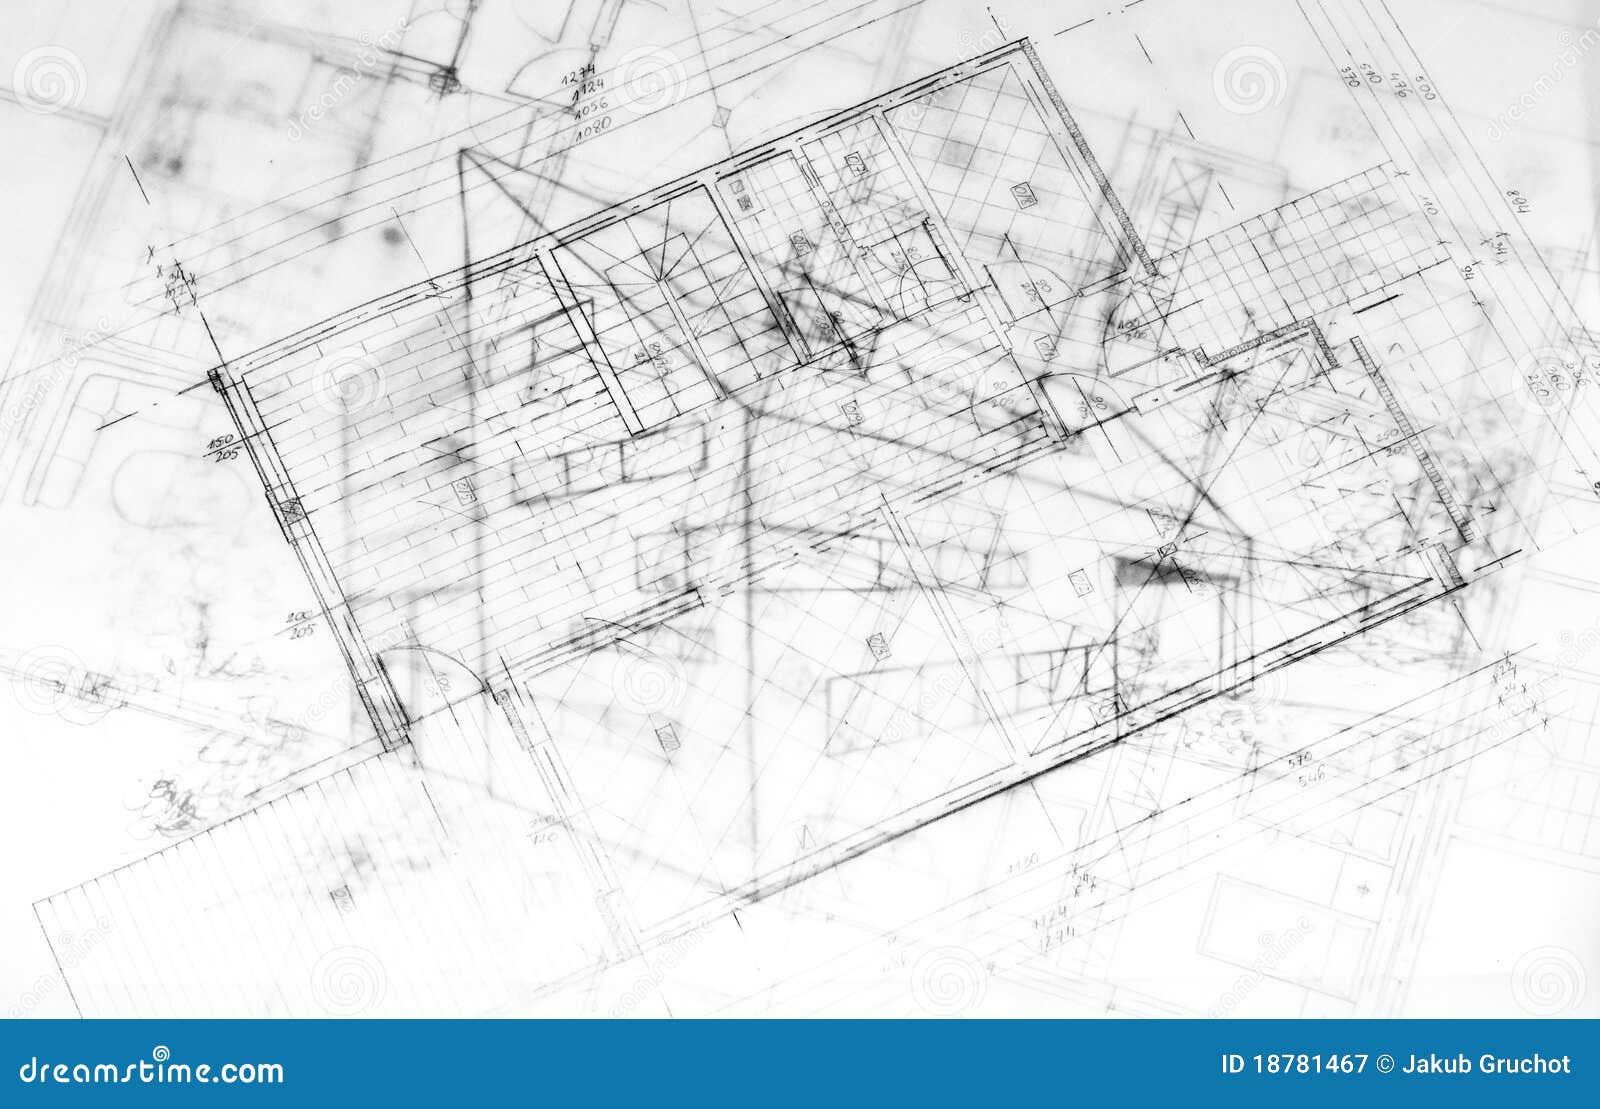 Zeichnungsod Ein Modernes Gebäude Architektur Plant Stockbild